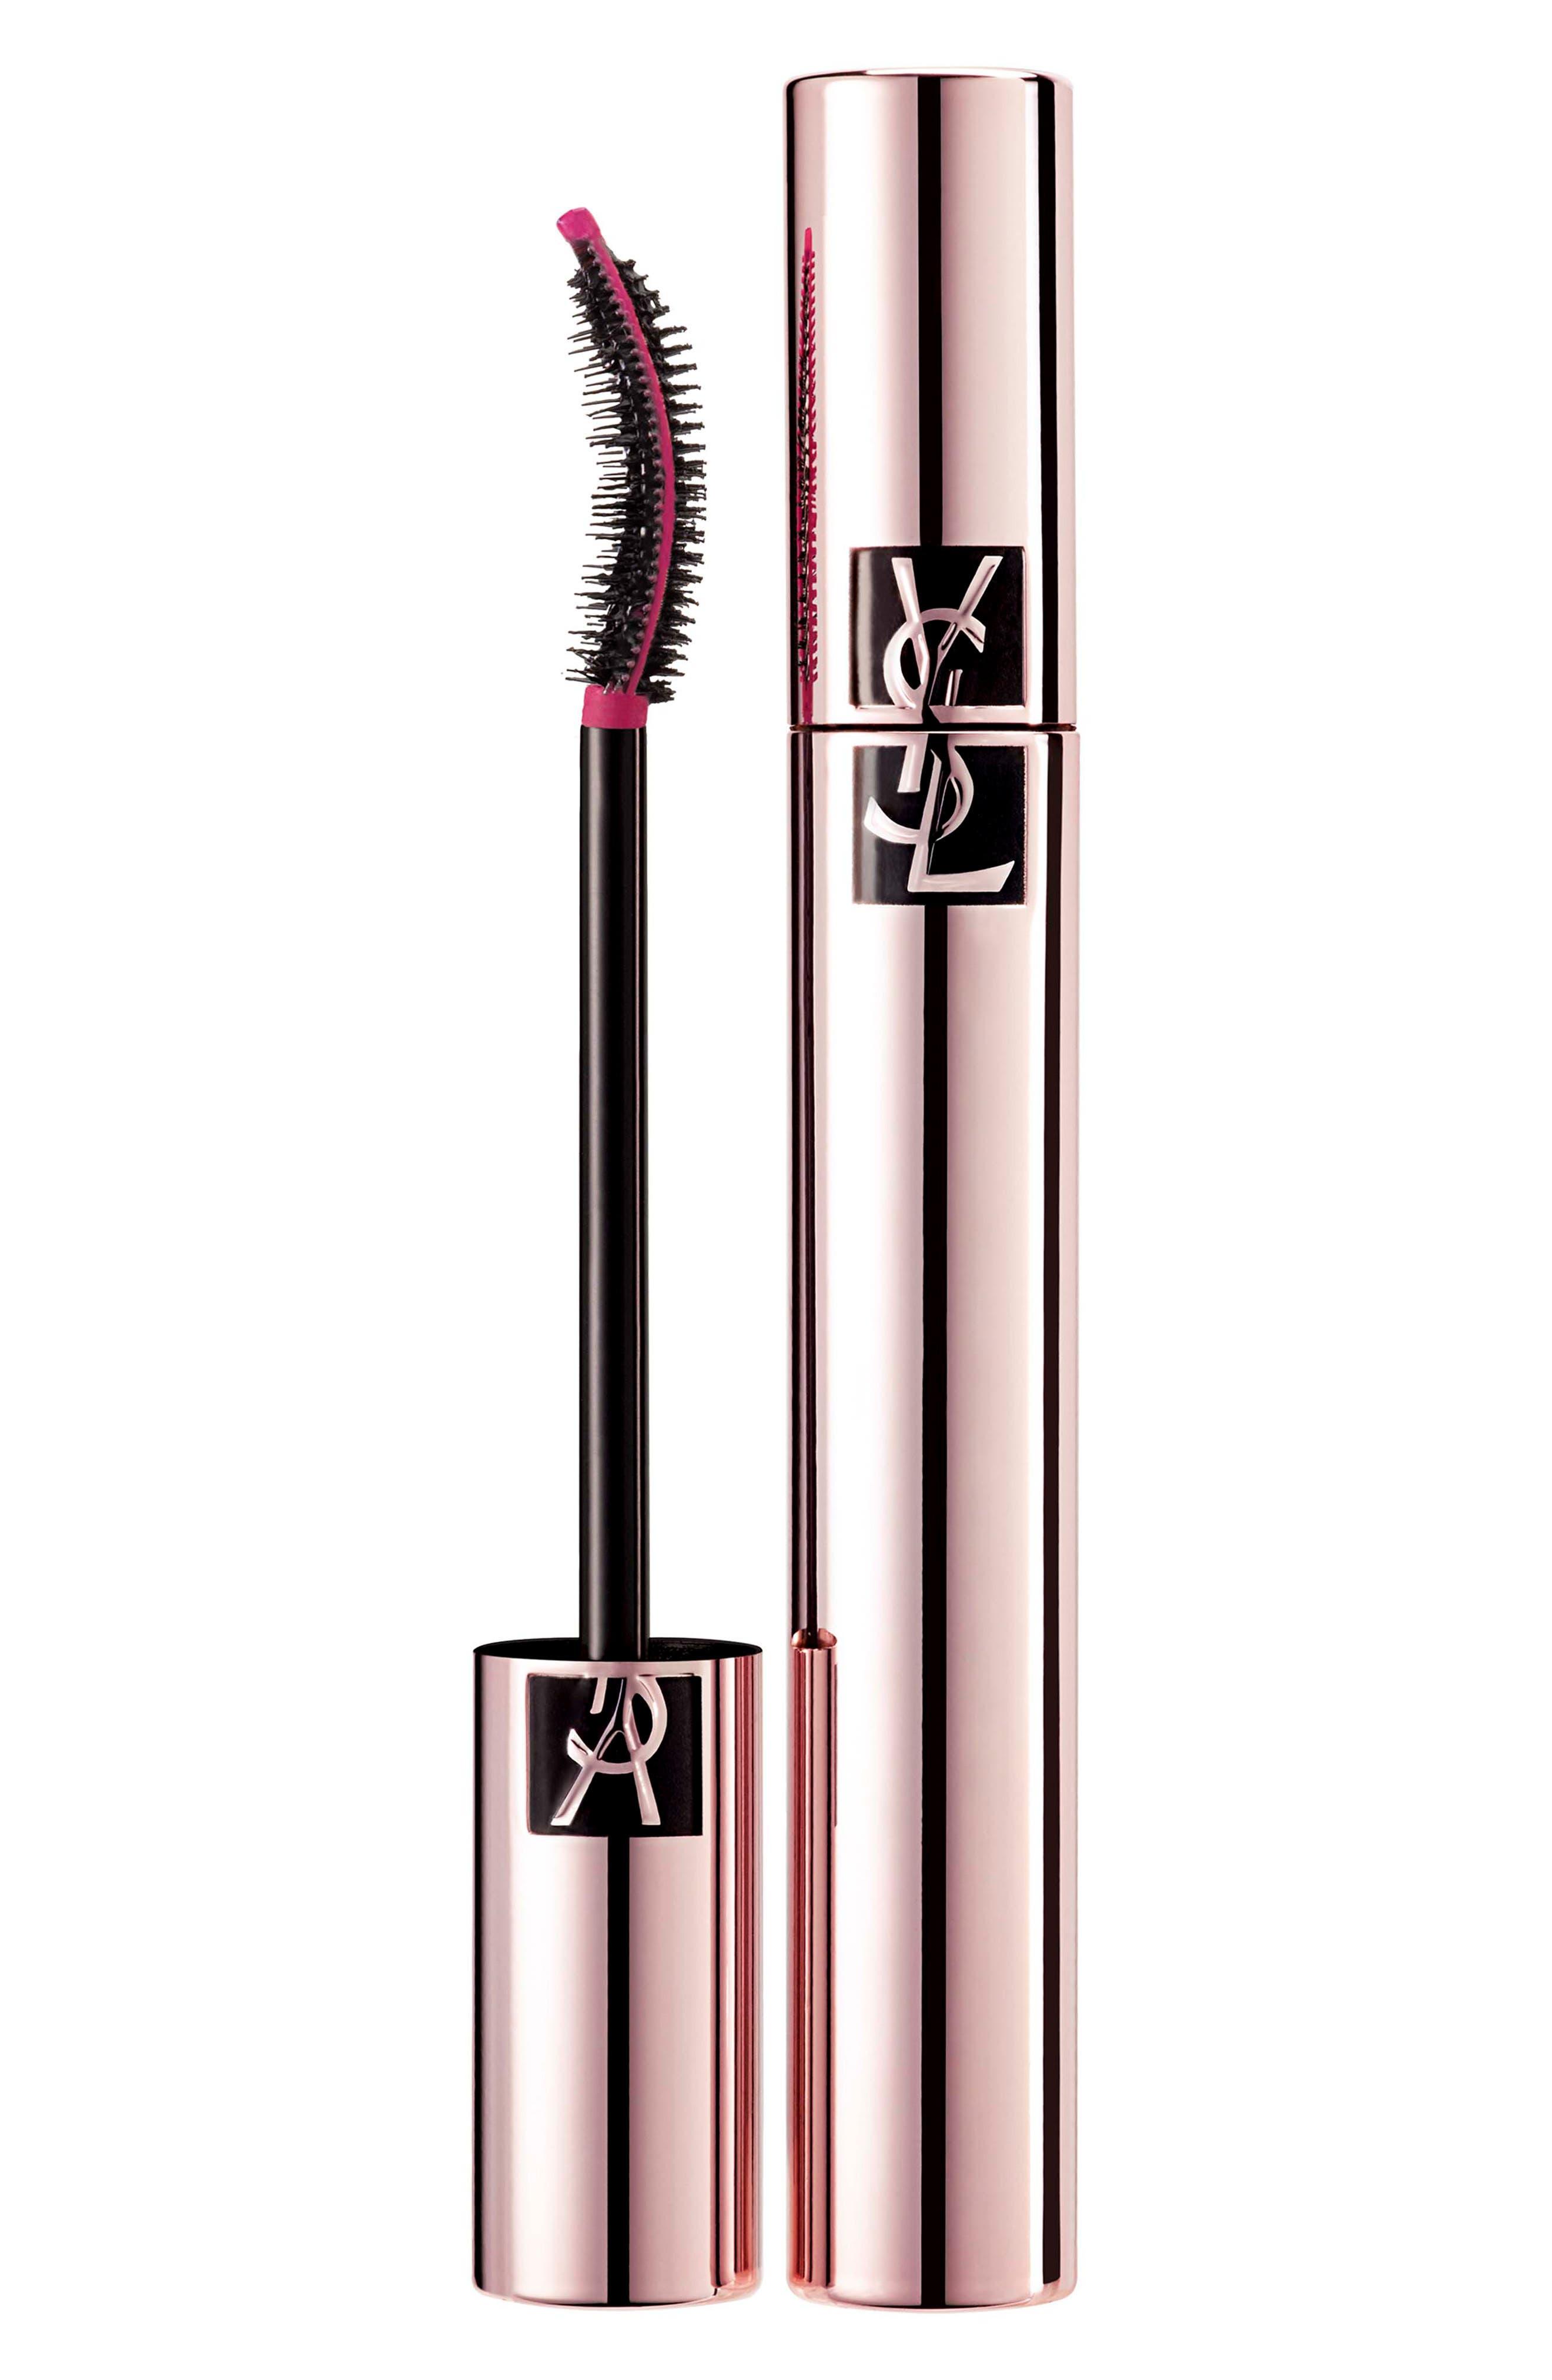 Yves Saint Laurent Le Curler Mascara Volume Effet Faux Cils - Noir Ombre